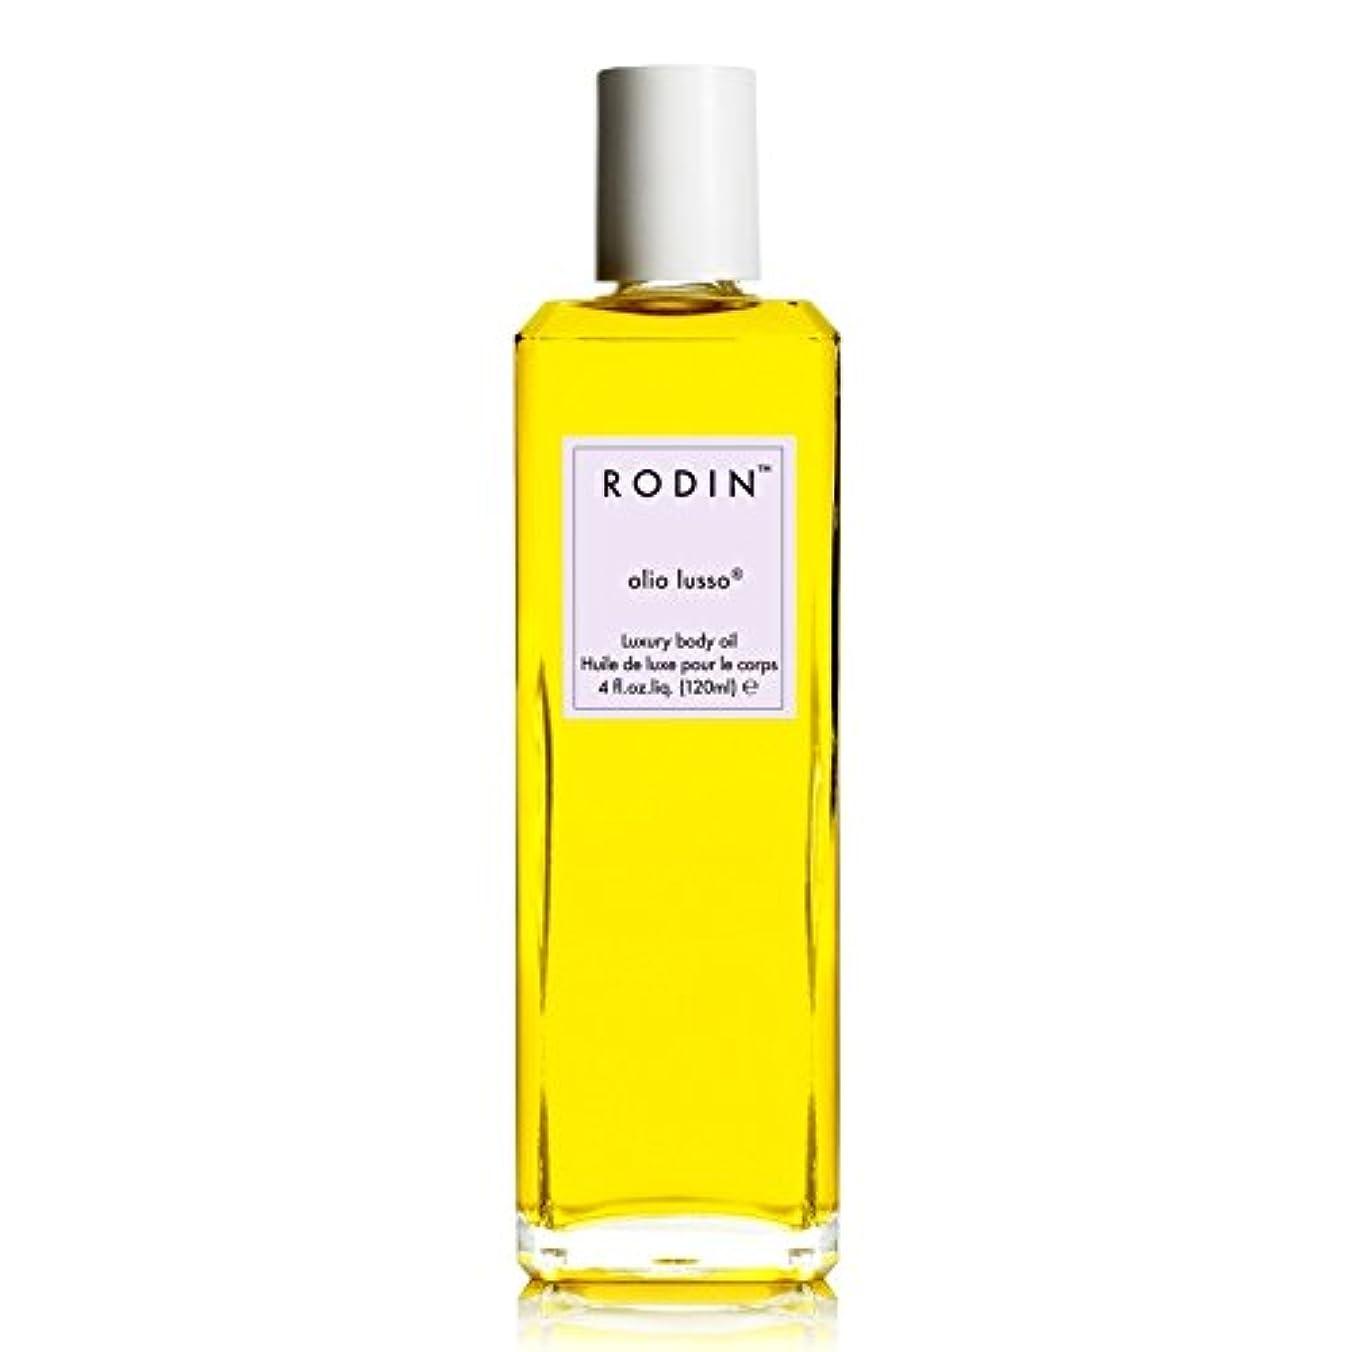 主婦あえぎエジプトロダンルッソラベンダー絶対贅沢なボディオイル30ミリリットル x4 - RODIN olio lusso Lavender Absolute Luxury Body Oil 30ml (Pack of 4) [並行輸入品]